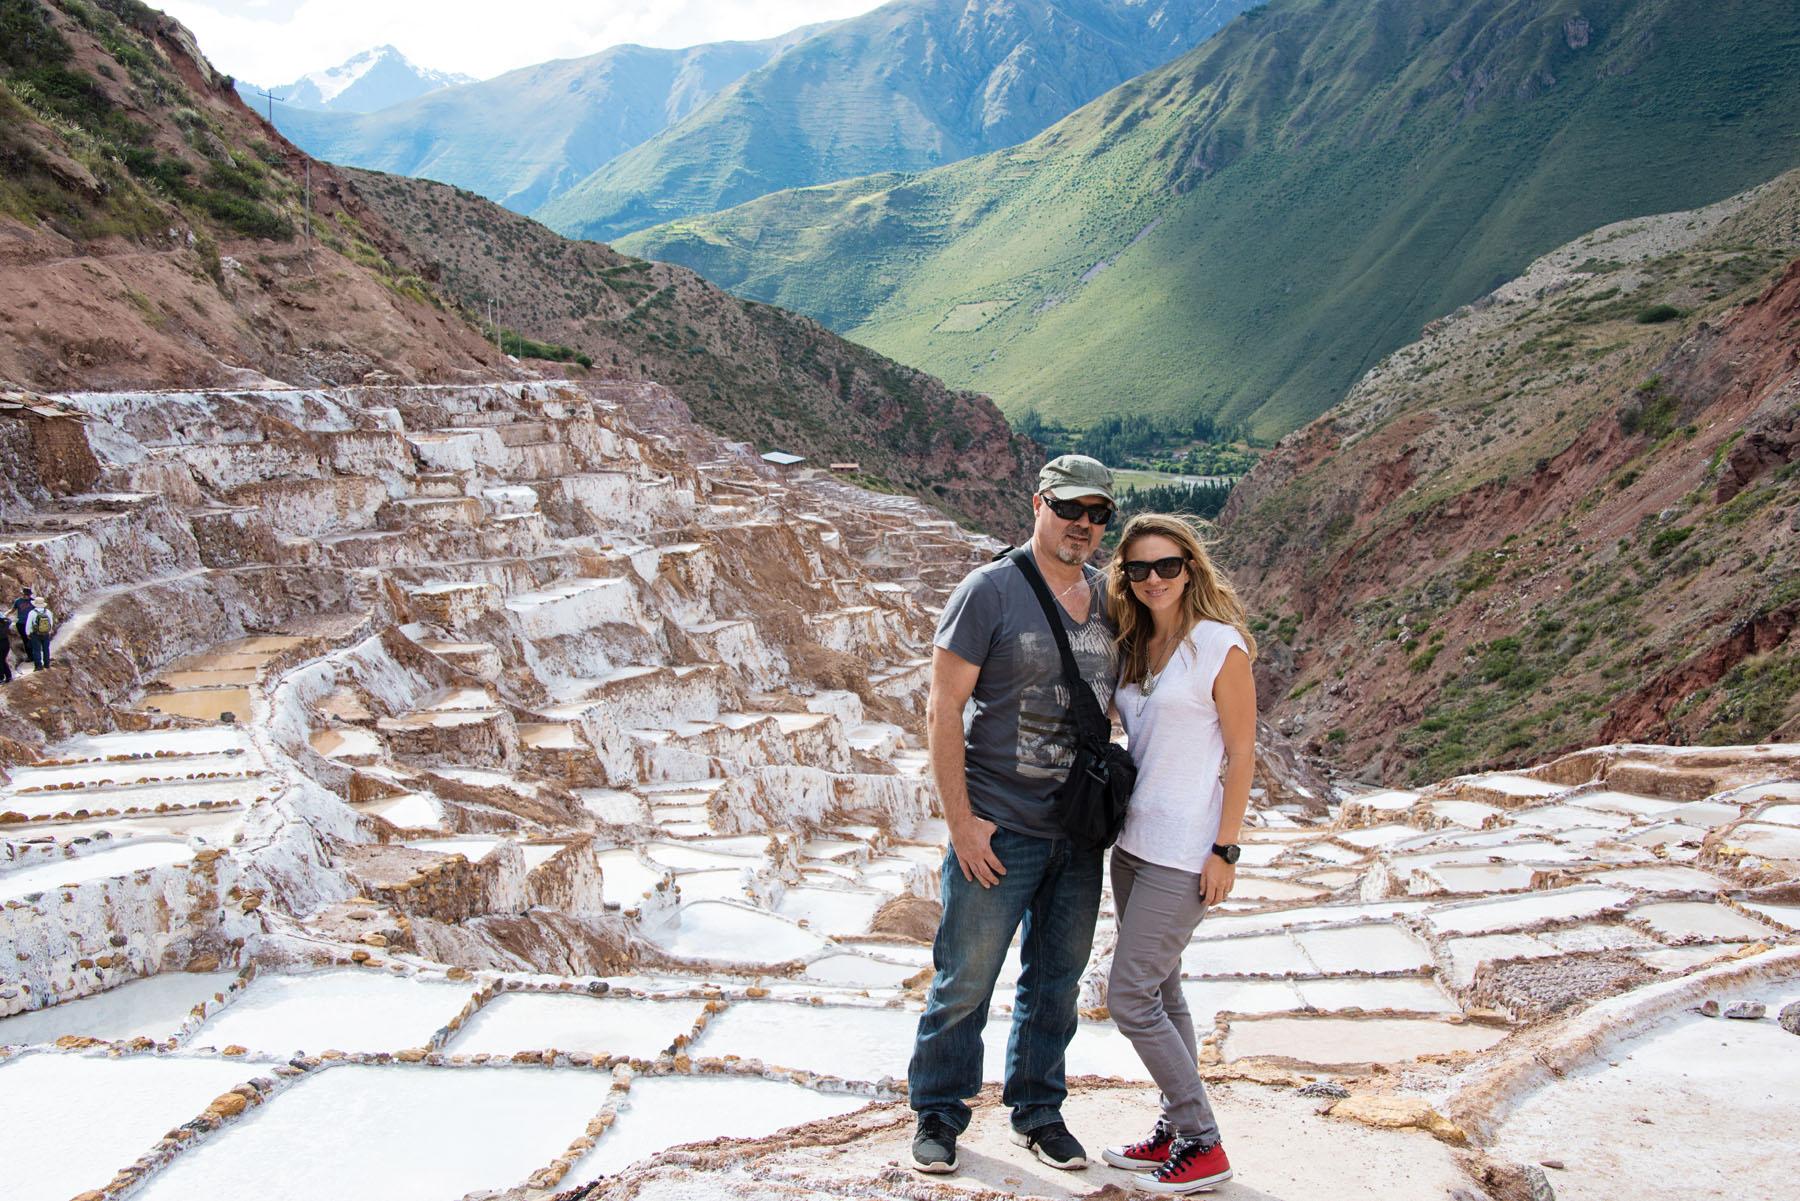 156-Peru-5-15_v2.jpg